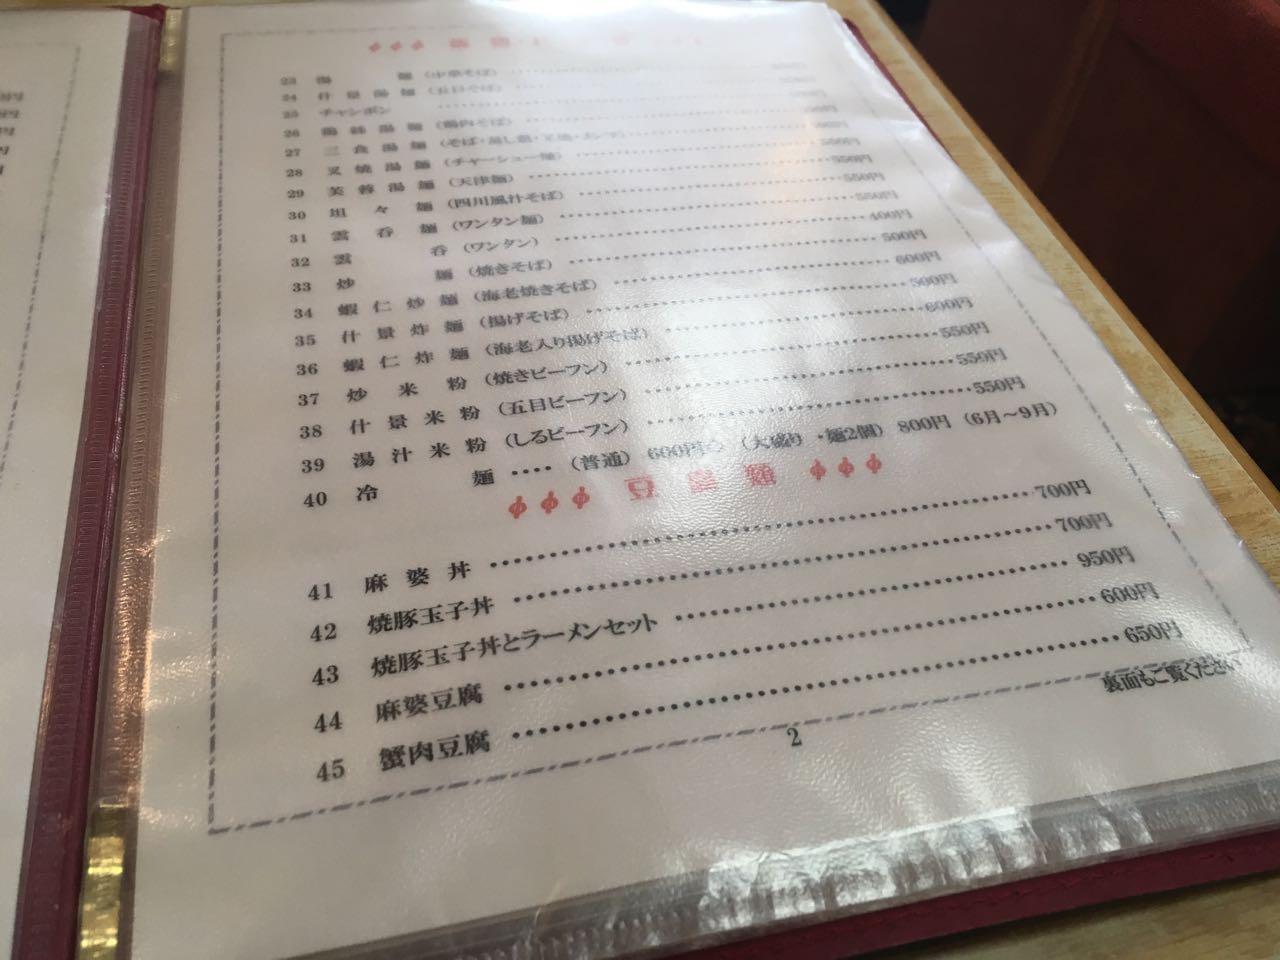 みとん今治,福龍,中華,立花,八町,焼豚玉子飯